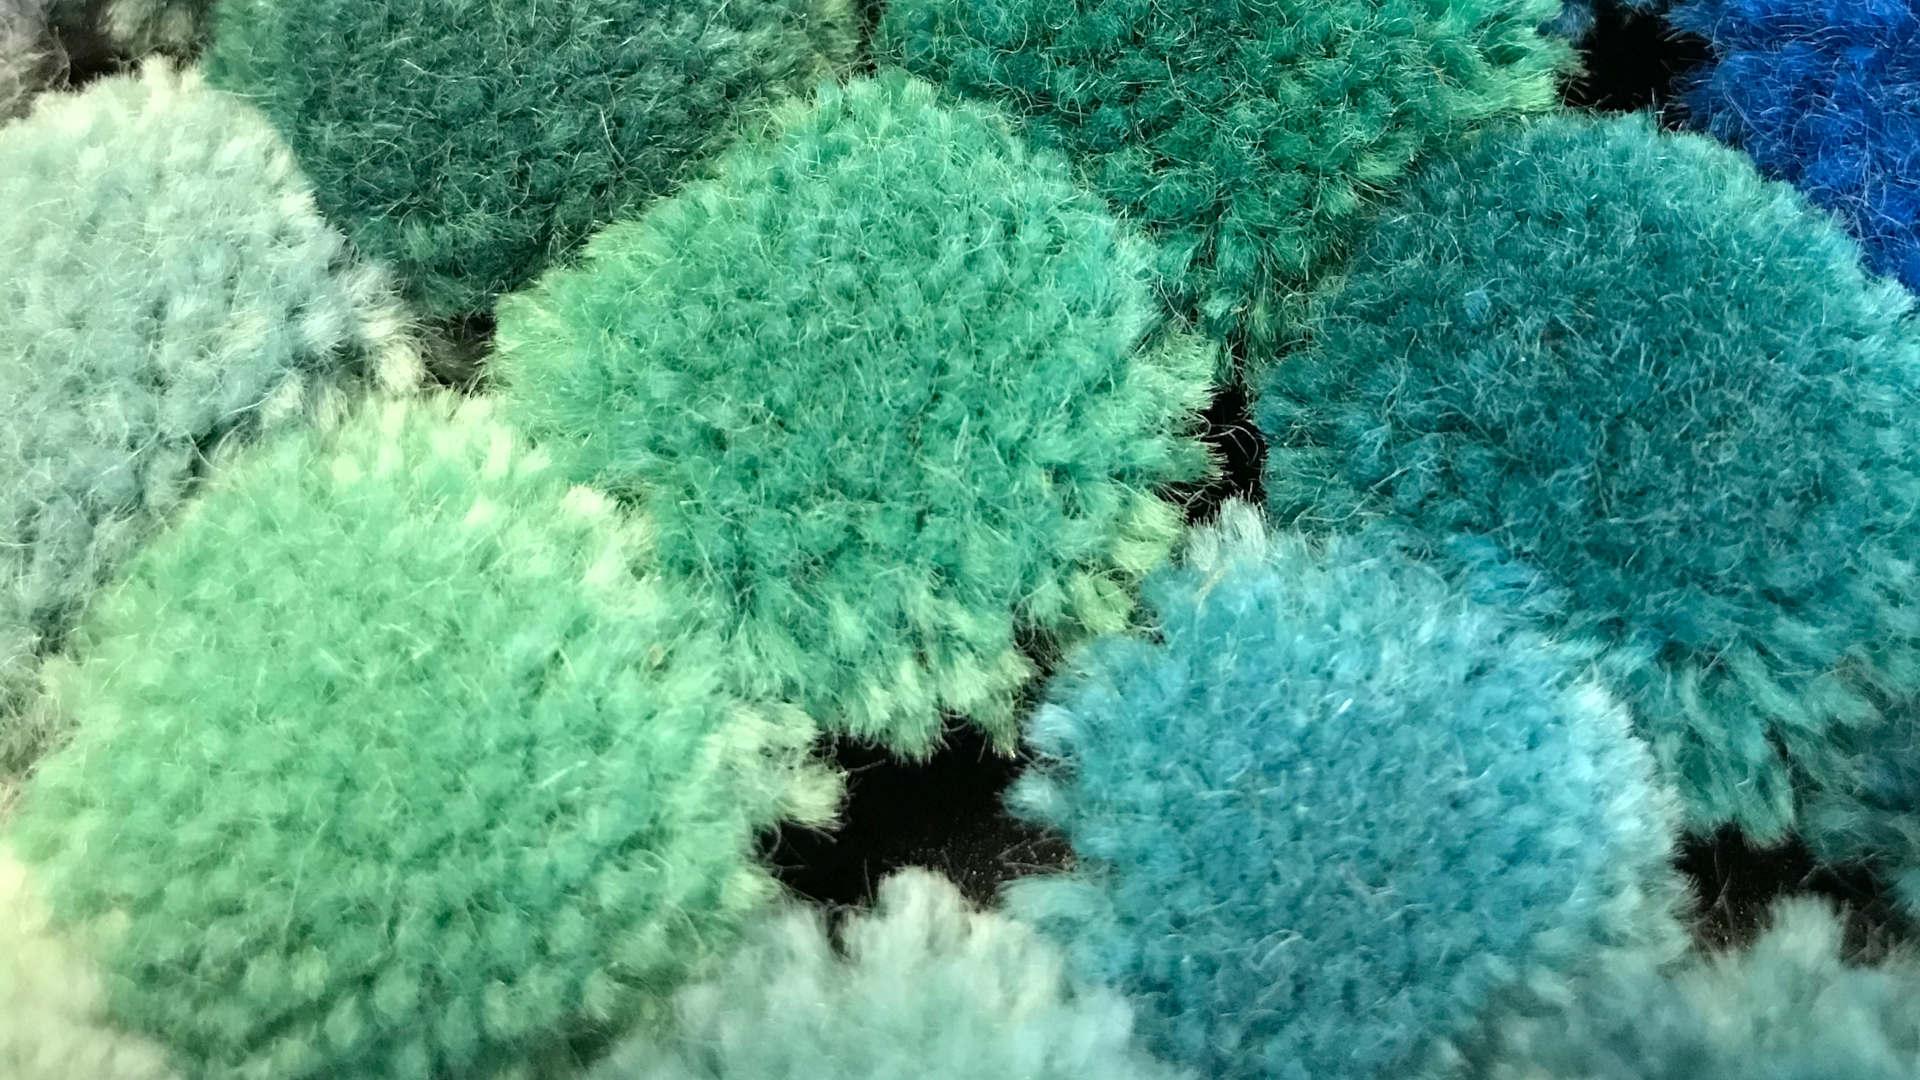 színgarancia, egyedi szőnyeg készítés, handtufting